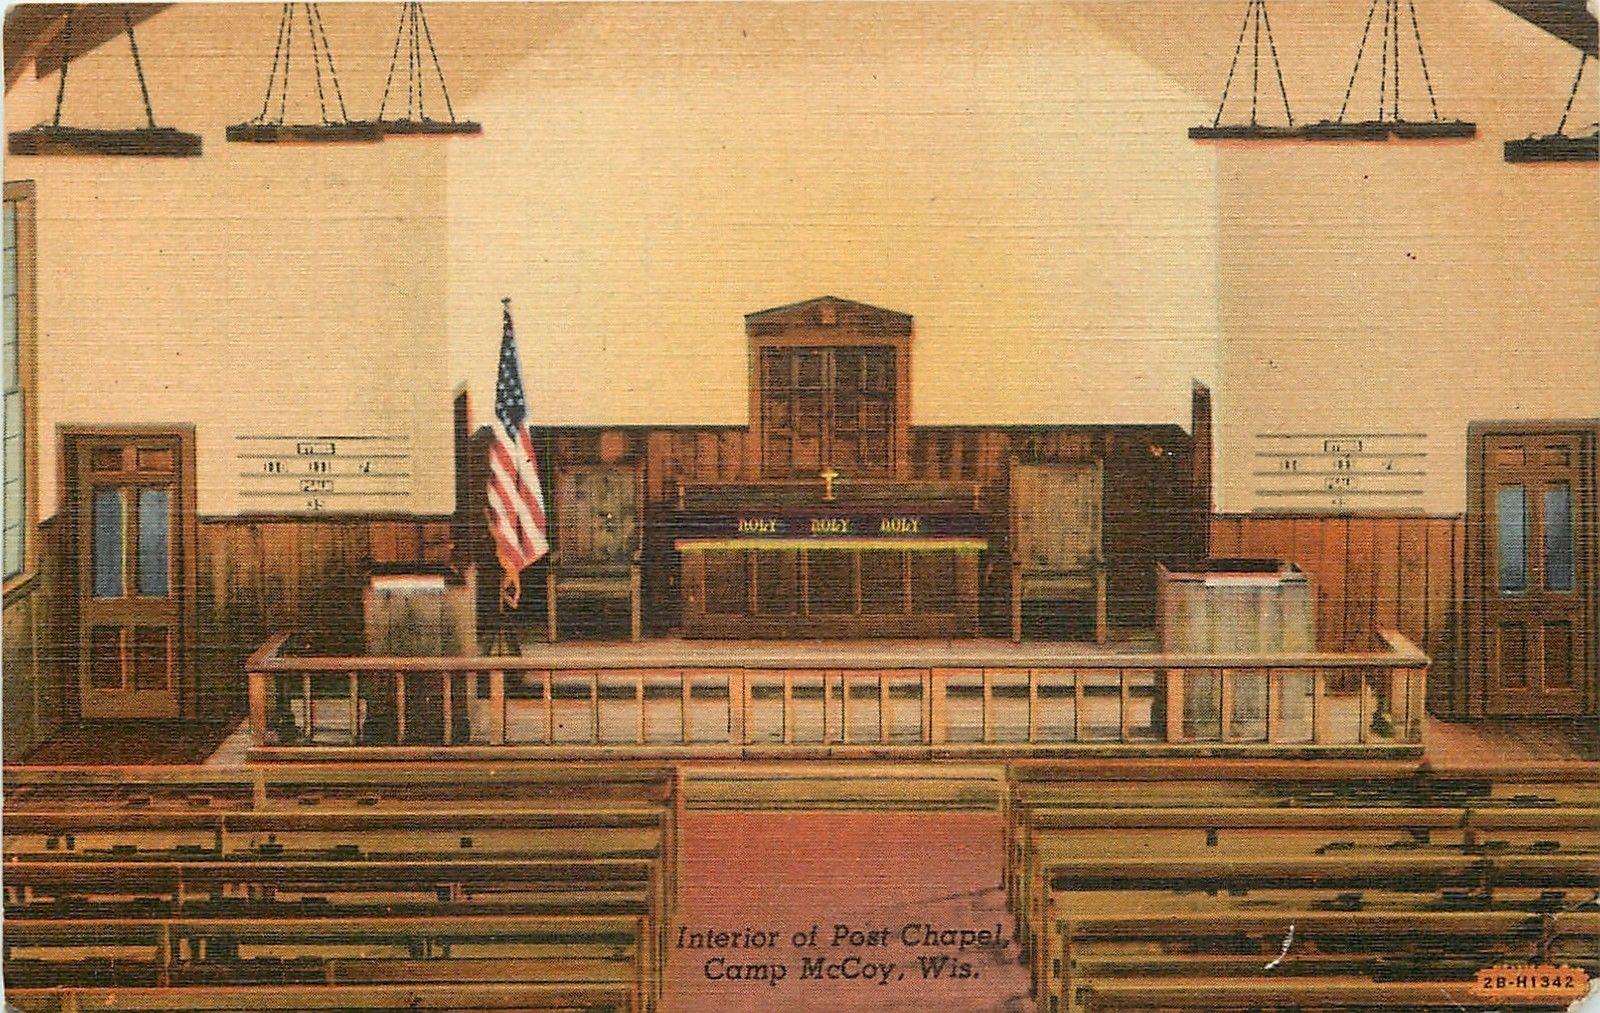 Camp McCoy Post Chapel